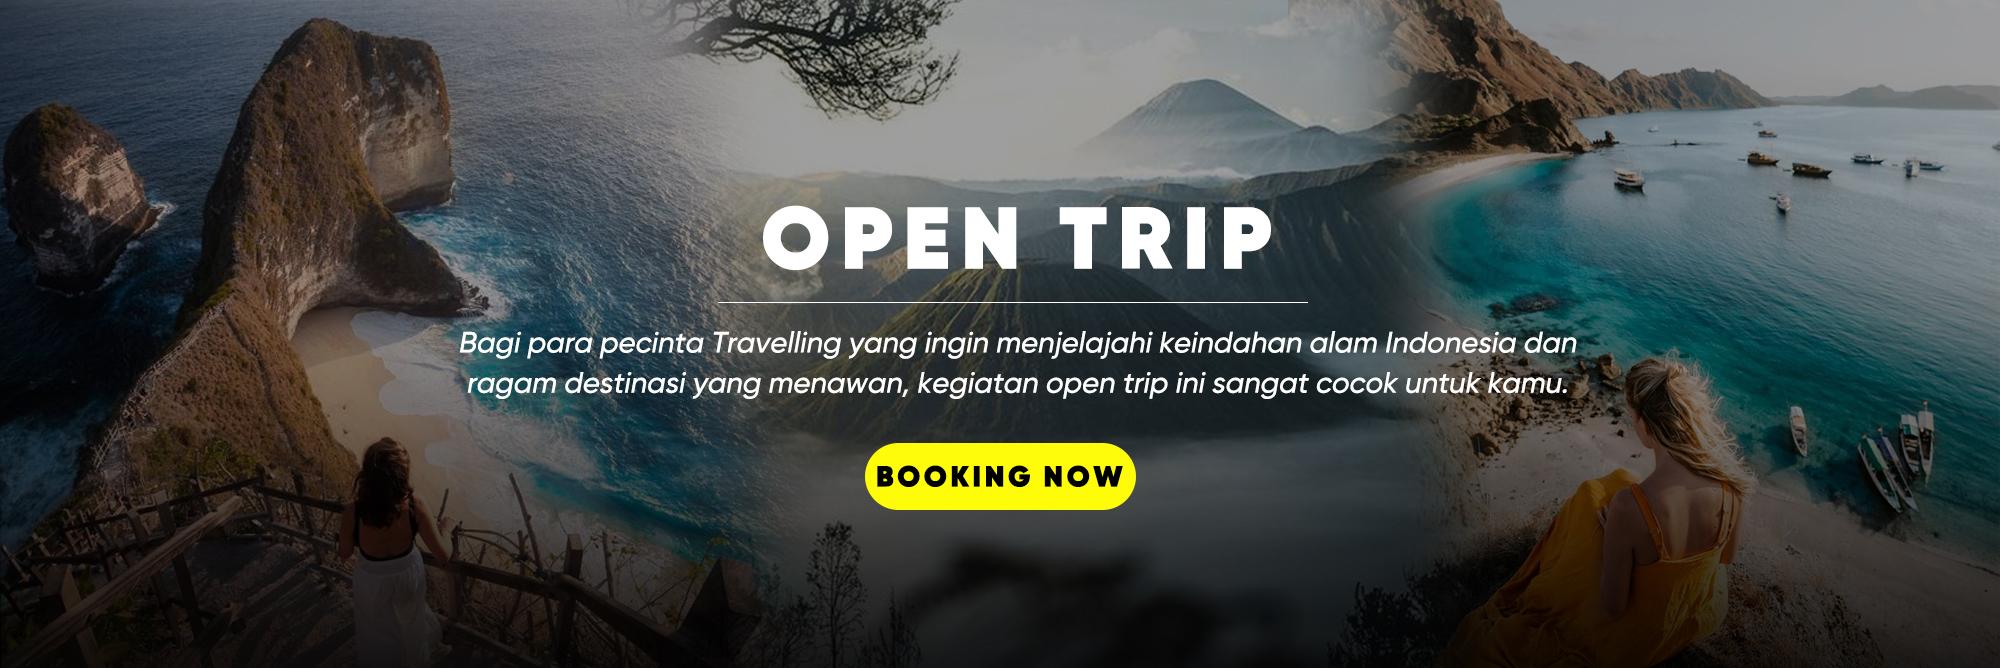 OPEN TRIP